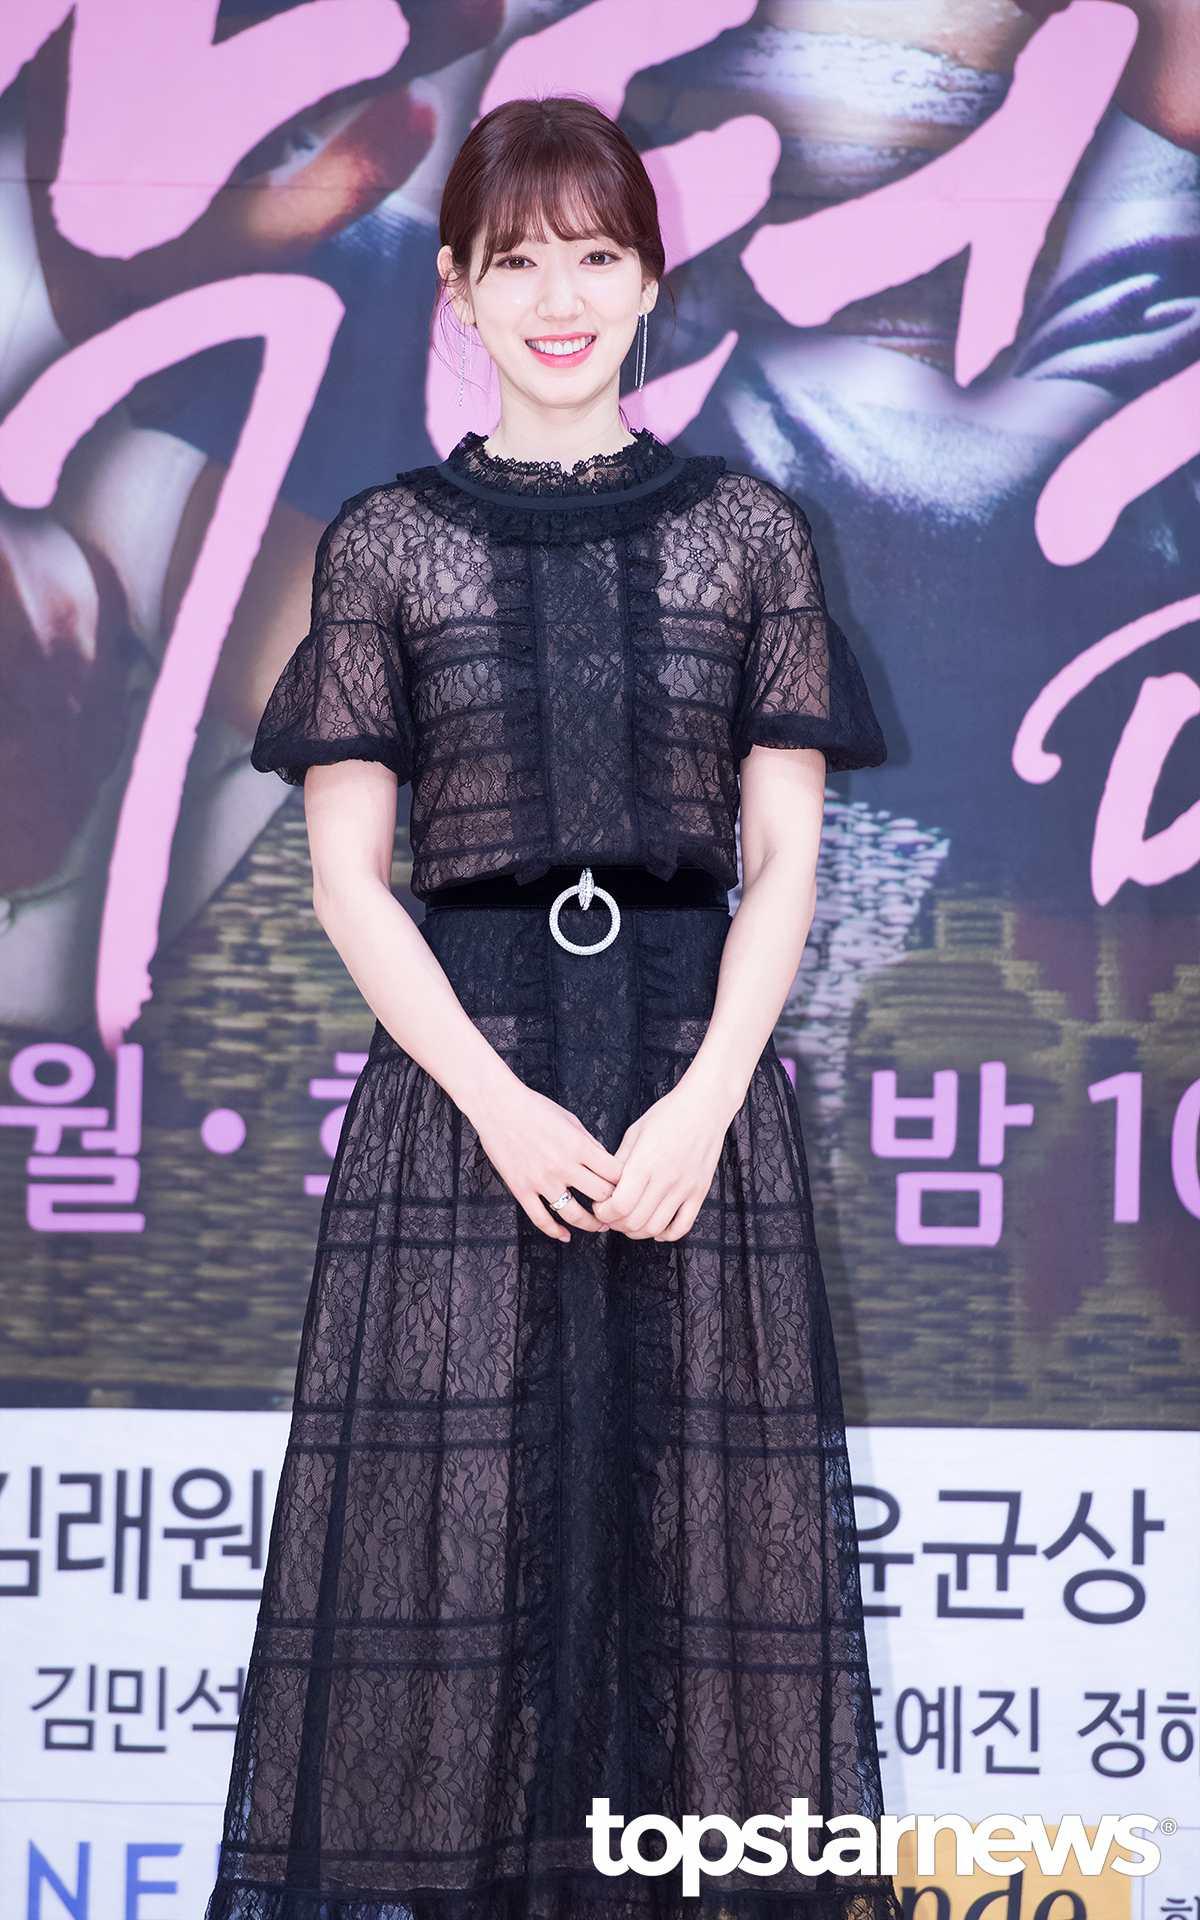 當天朴信惠穿的飄飄蕾絲裙感覺很符合朴信惠漸漸邁向輕熟女的形象,若隱若現的~